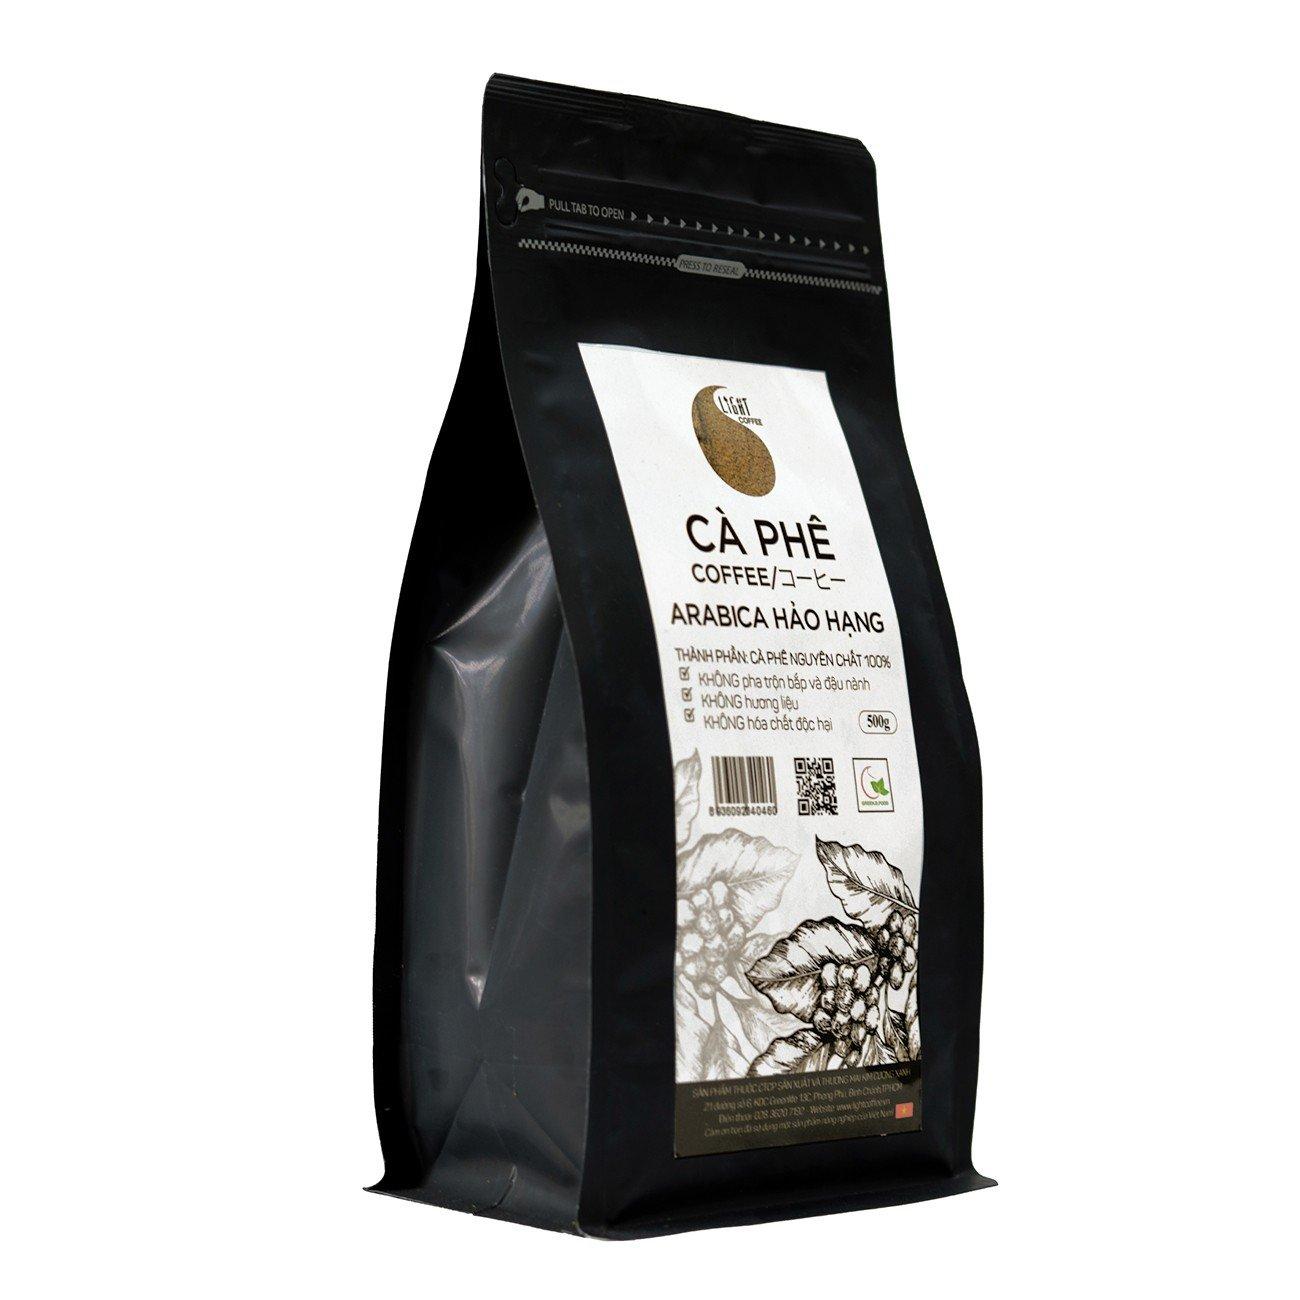 500g - Cà phê hạt nguyên chất 100% Arabica Hảo Hạng - Light coffee